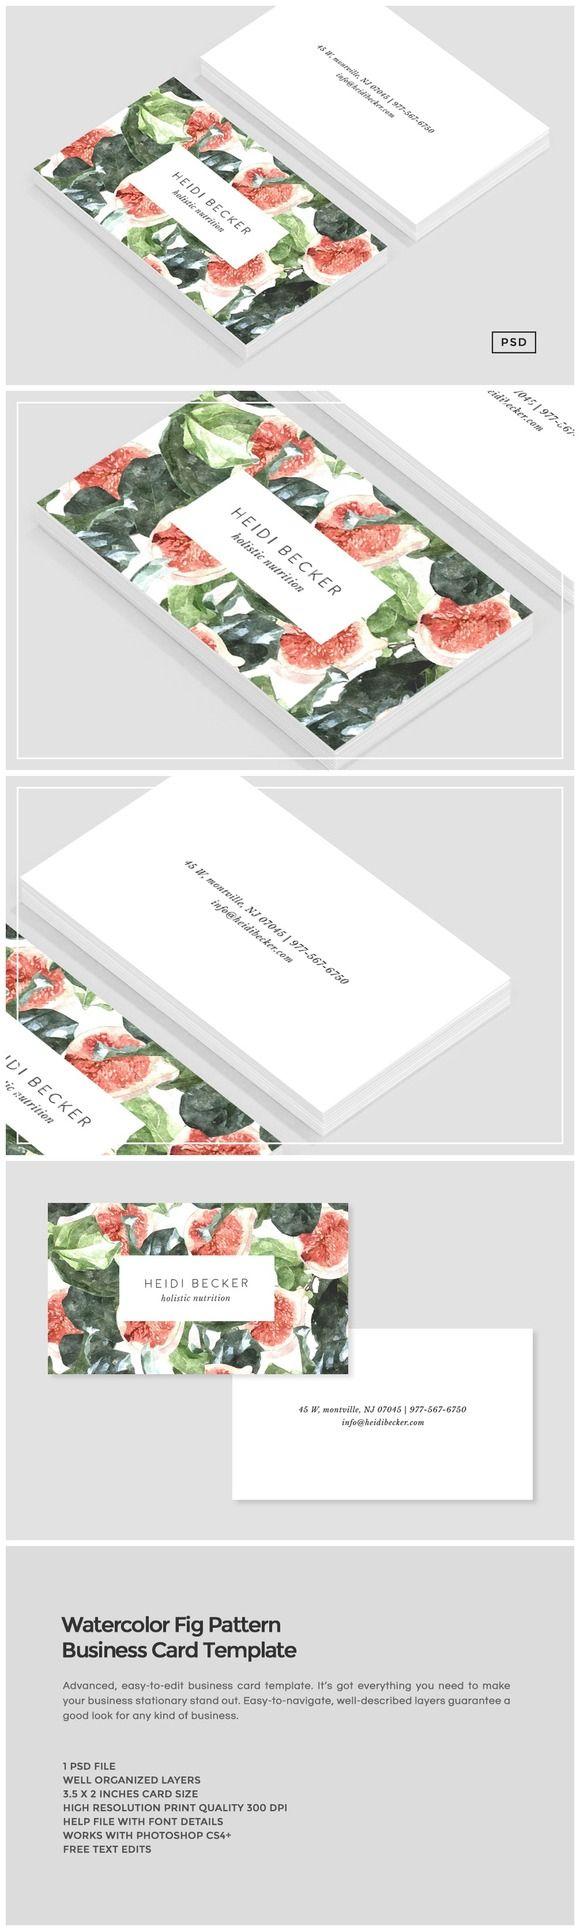 carte de visite à acheter et personnaliser grâce à photoshop. Joli, professionnel et simple à faire ! Watercolor Fig Pattern Business Card by Design Co. on Creative Market